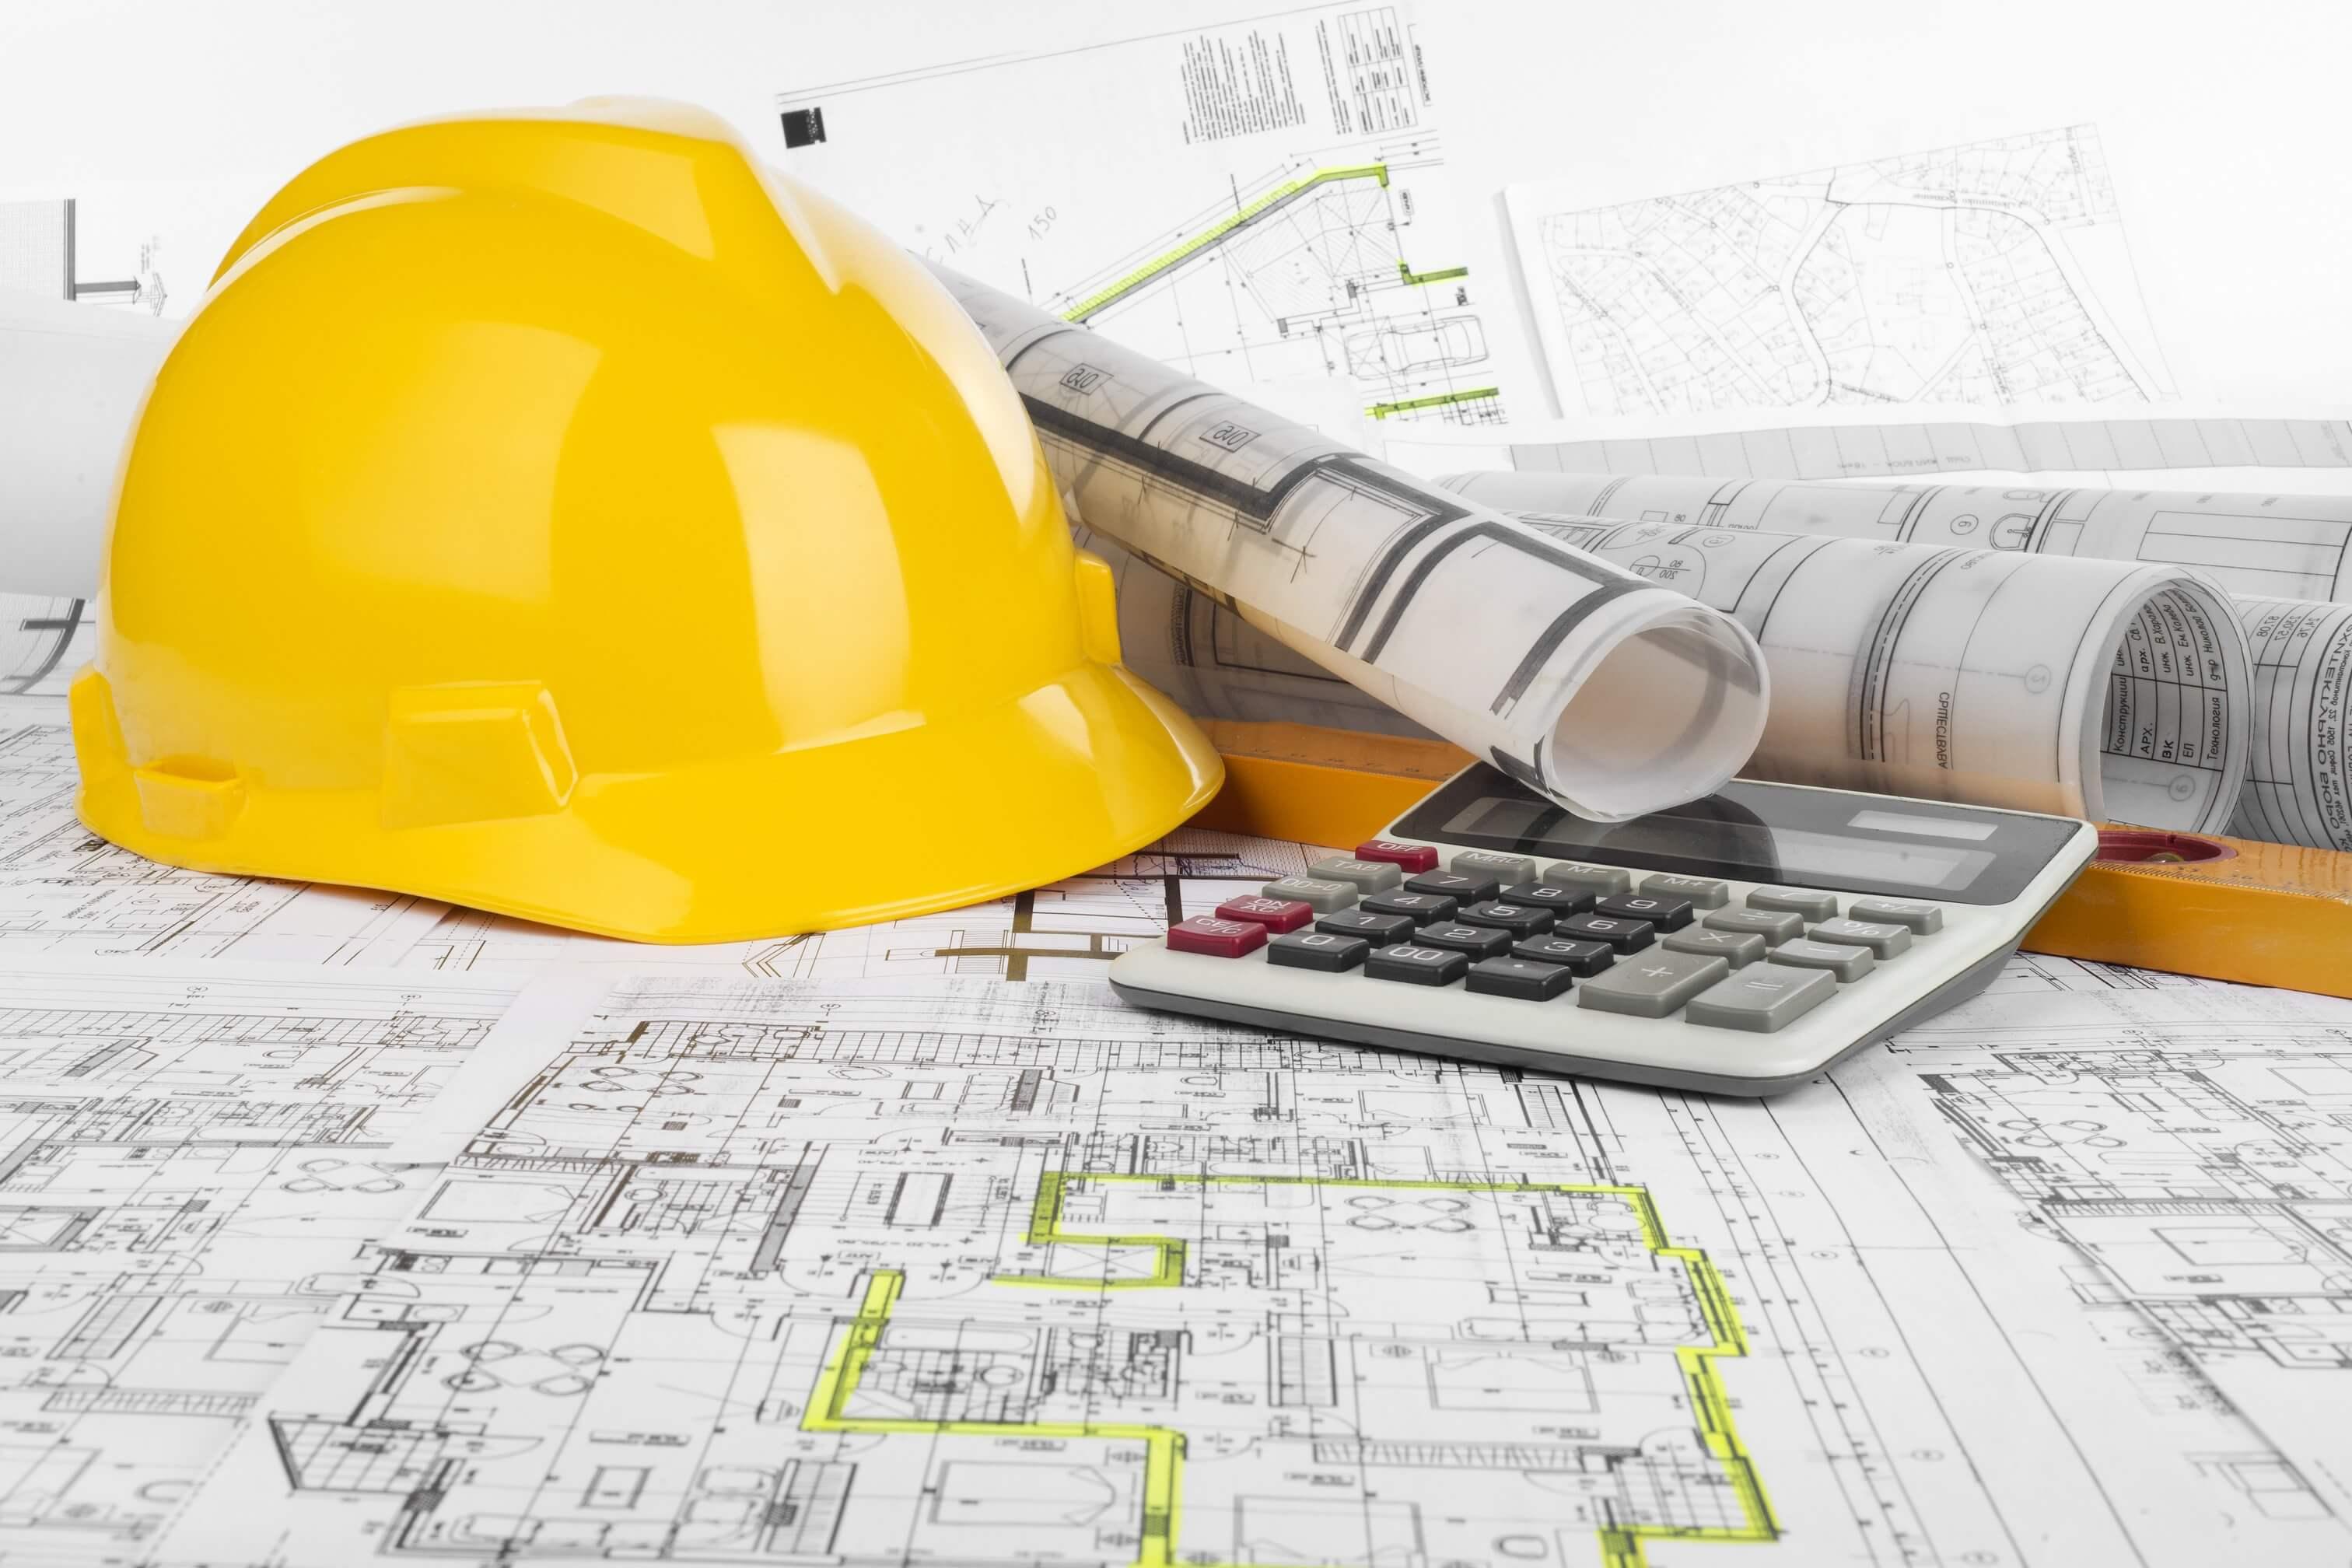 У Луцьку на виготовлення документації щодо ремонту вулиці витратять майже півмільйона гривень